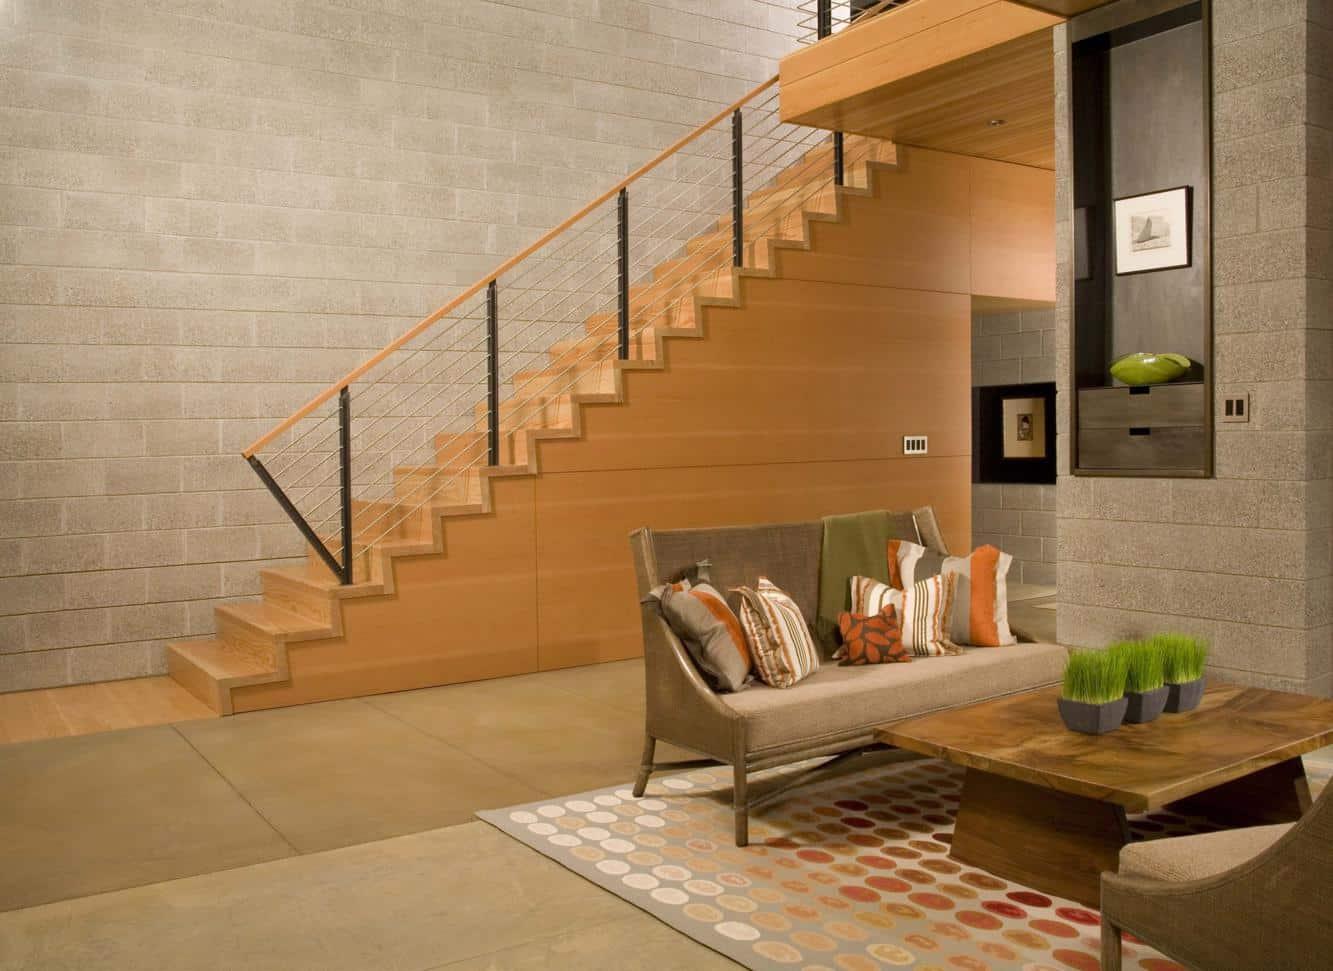 Muito Escada reta: saiba mais sobre esse modelo! - Reforma Fácil BZ04